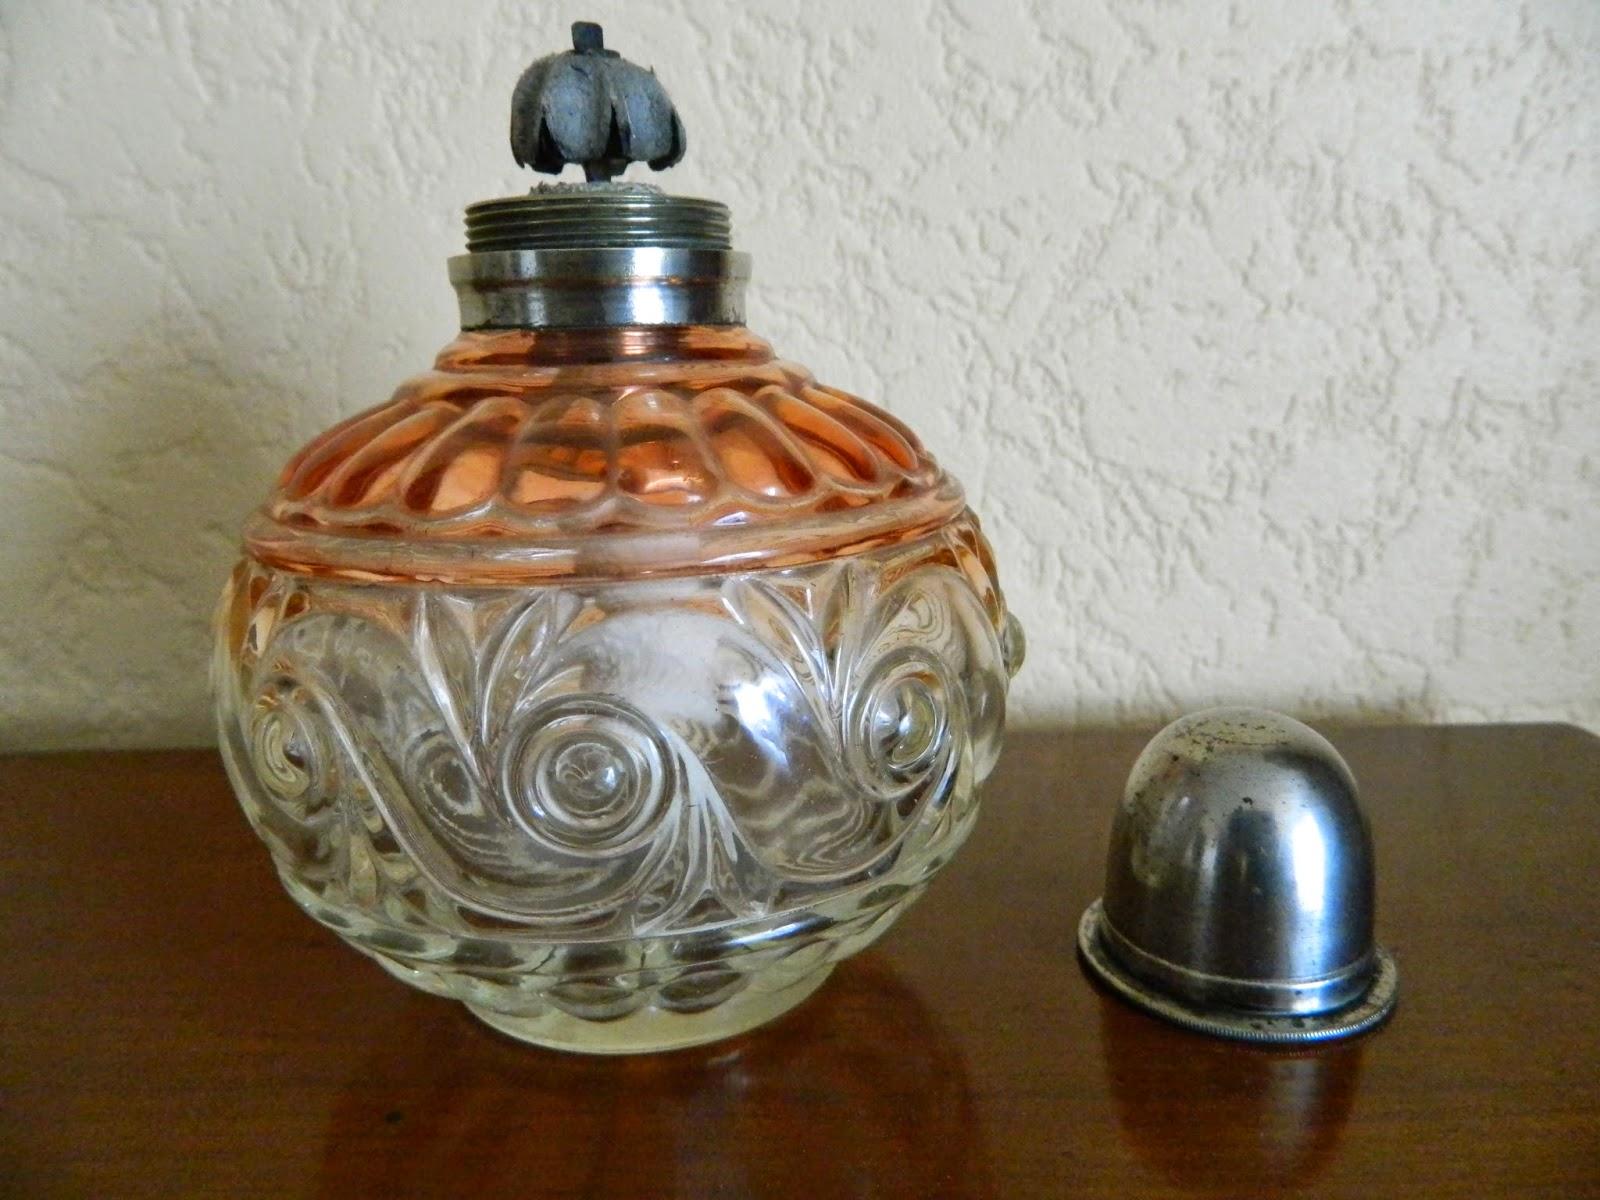 OBJETS de COLLECTION, ART DECO, TABLEAUX. ANCIENNE LAMPE ...